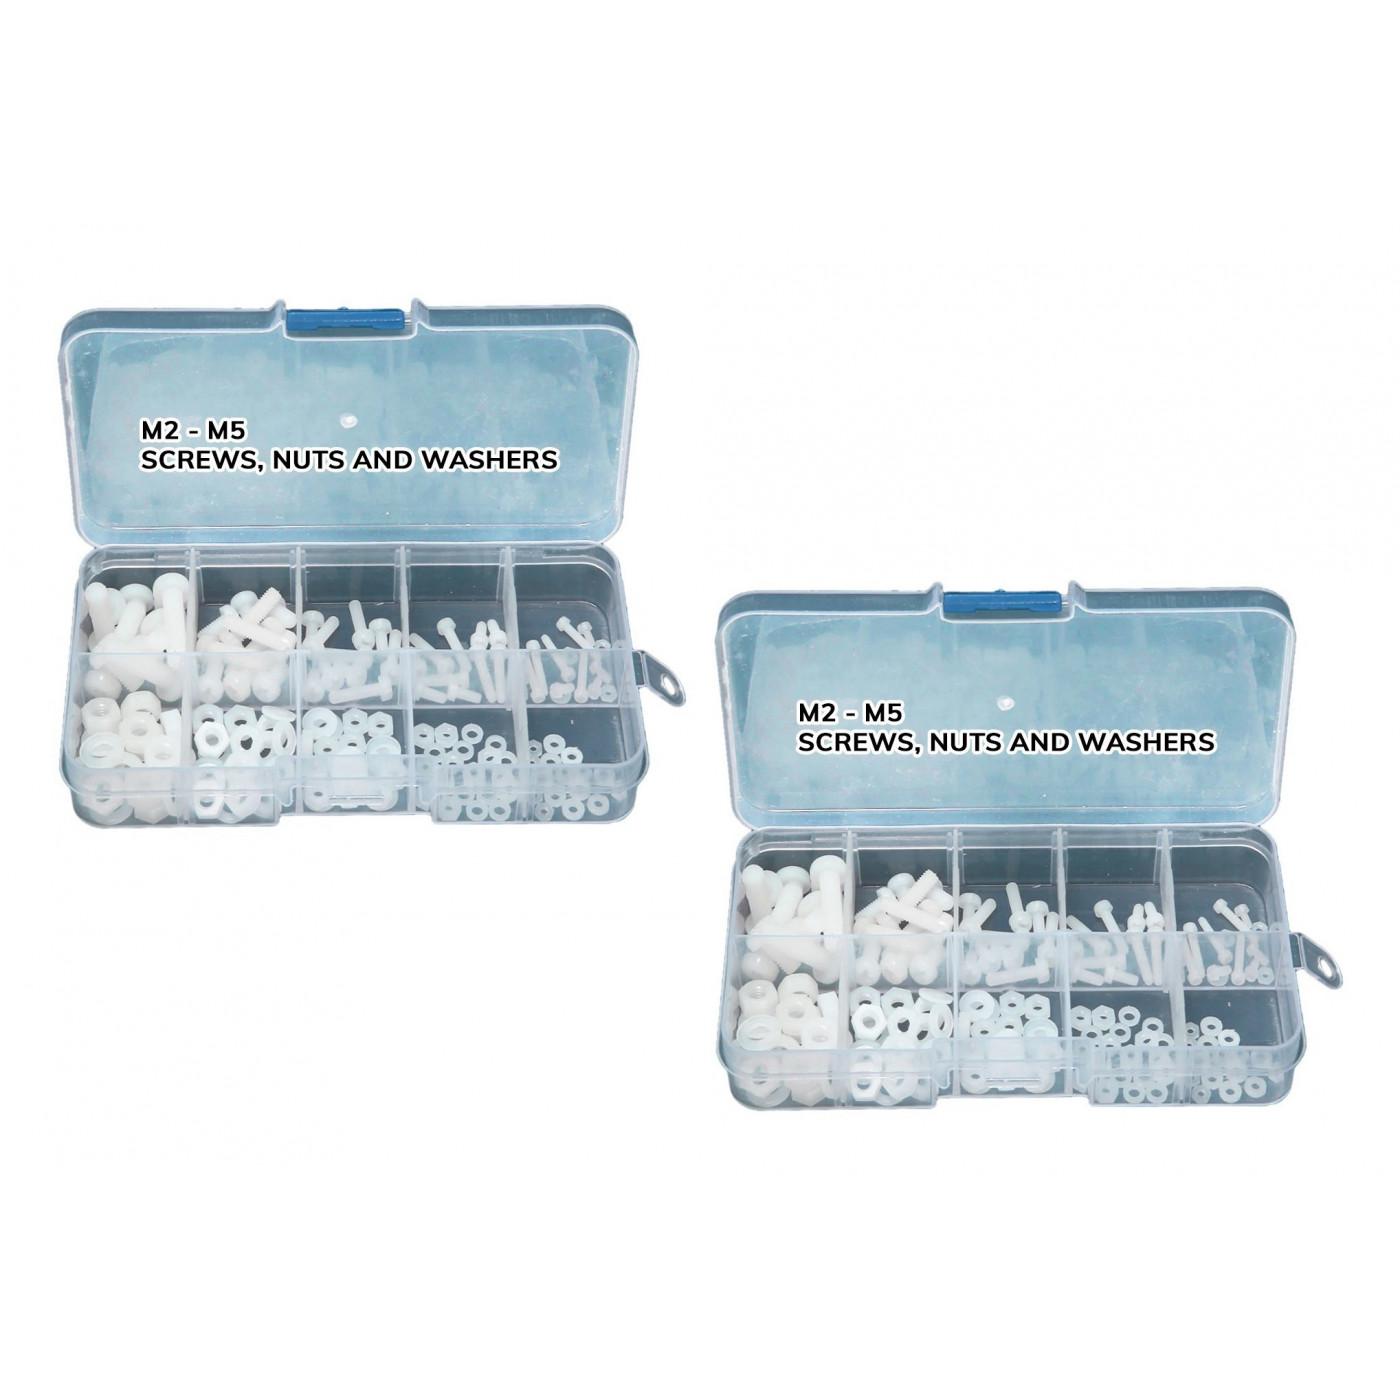 Ensemble de 300 boulons, écrous et rondelles en nylon (blancs) dans une boîte  - 1